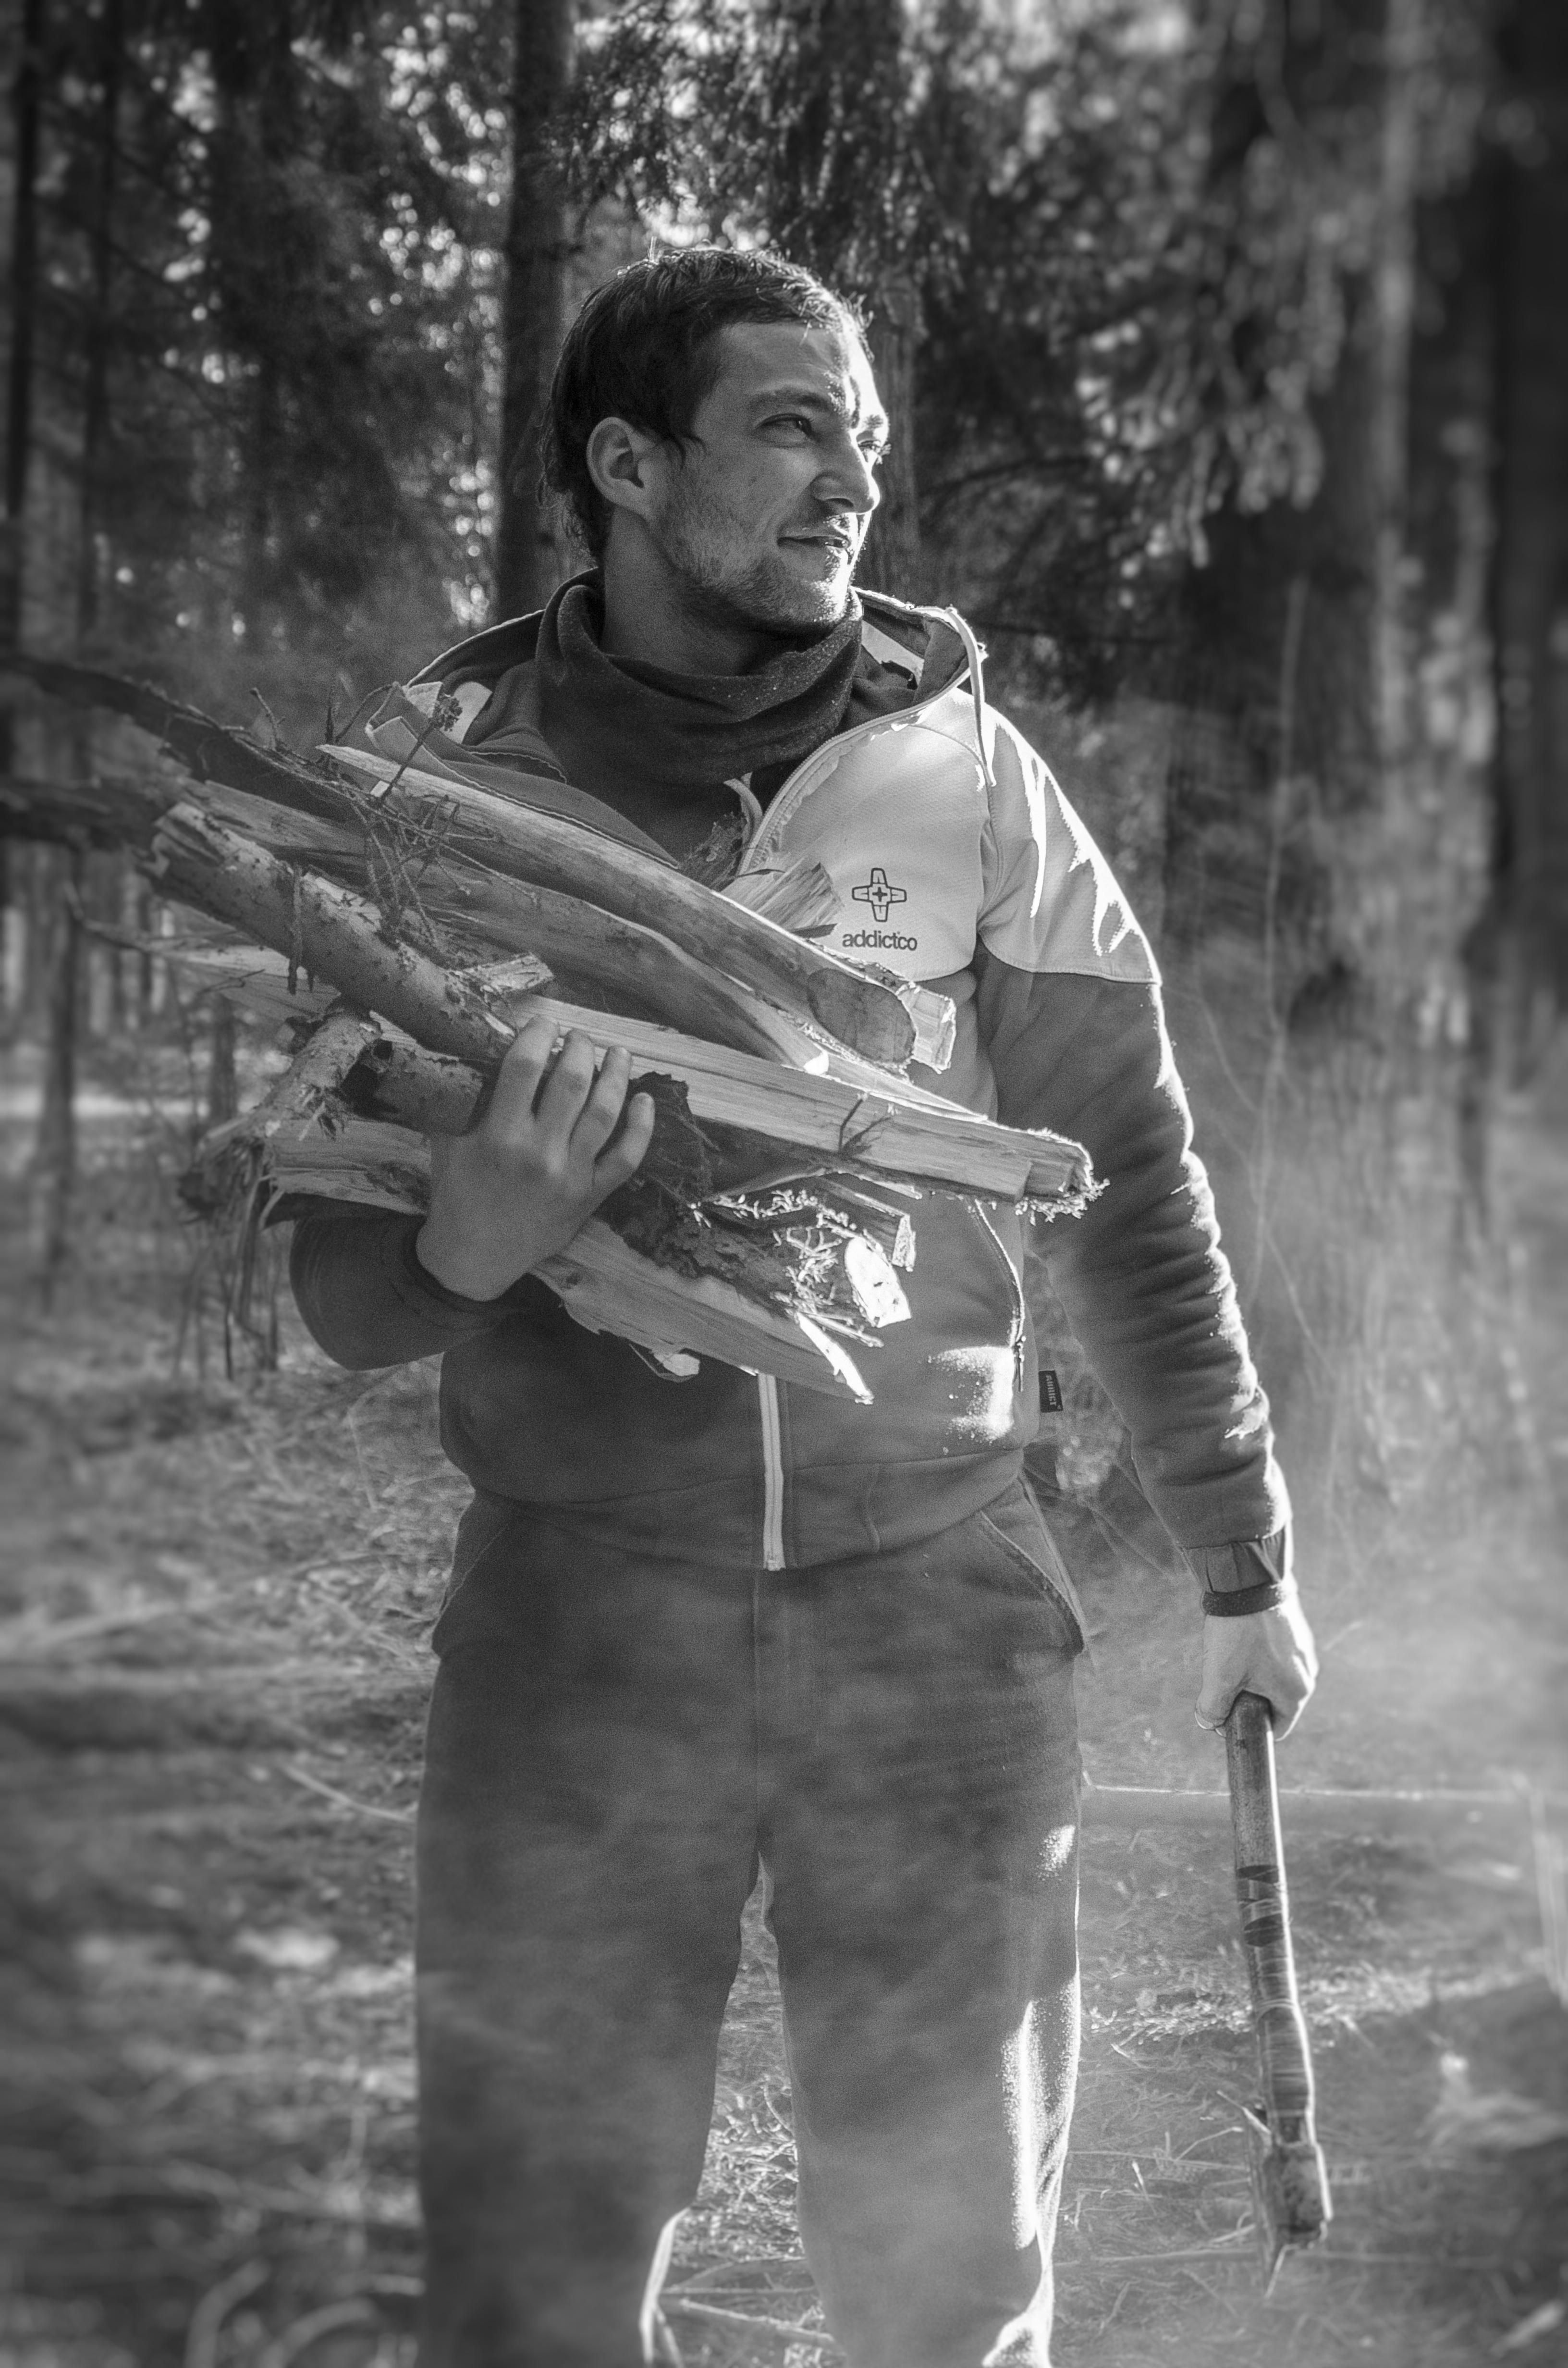 lumberjack (Дровосек)